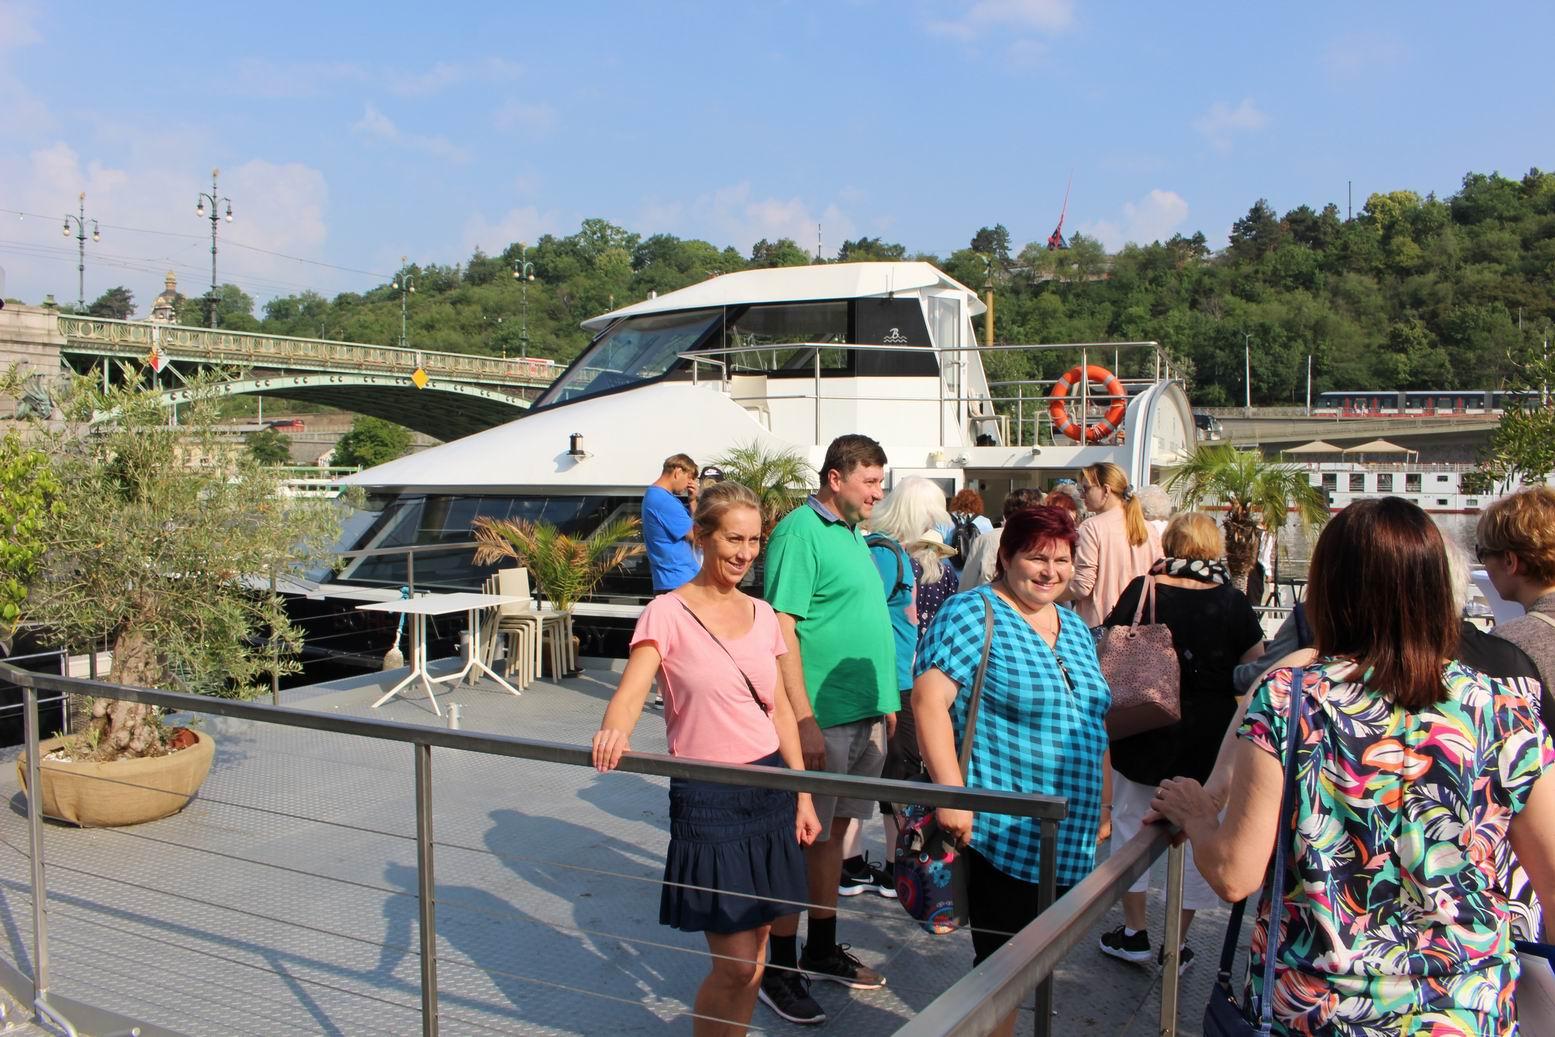 Výlet parníkem po Vltavě